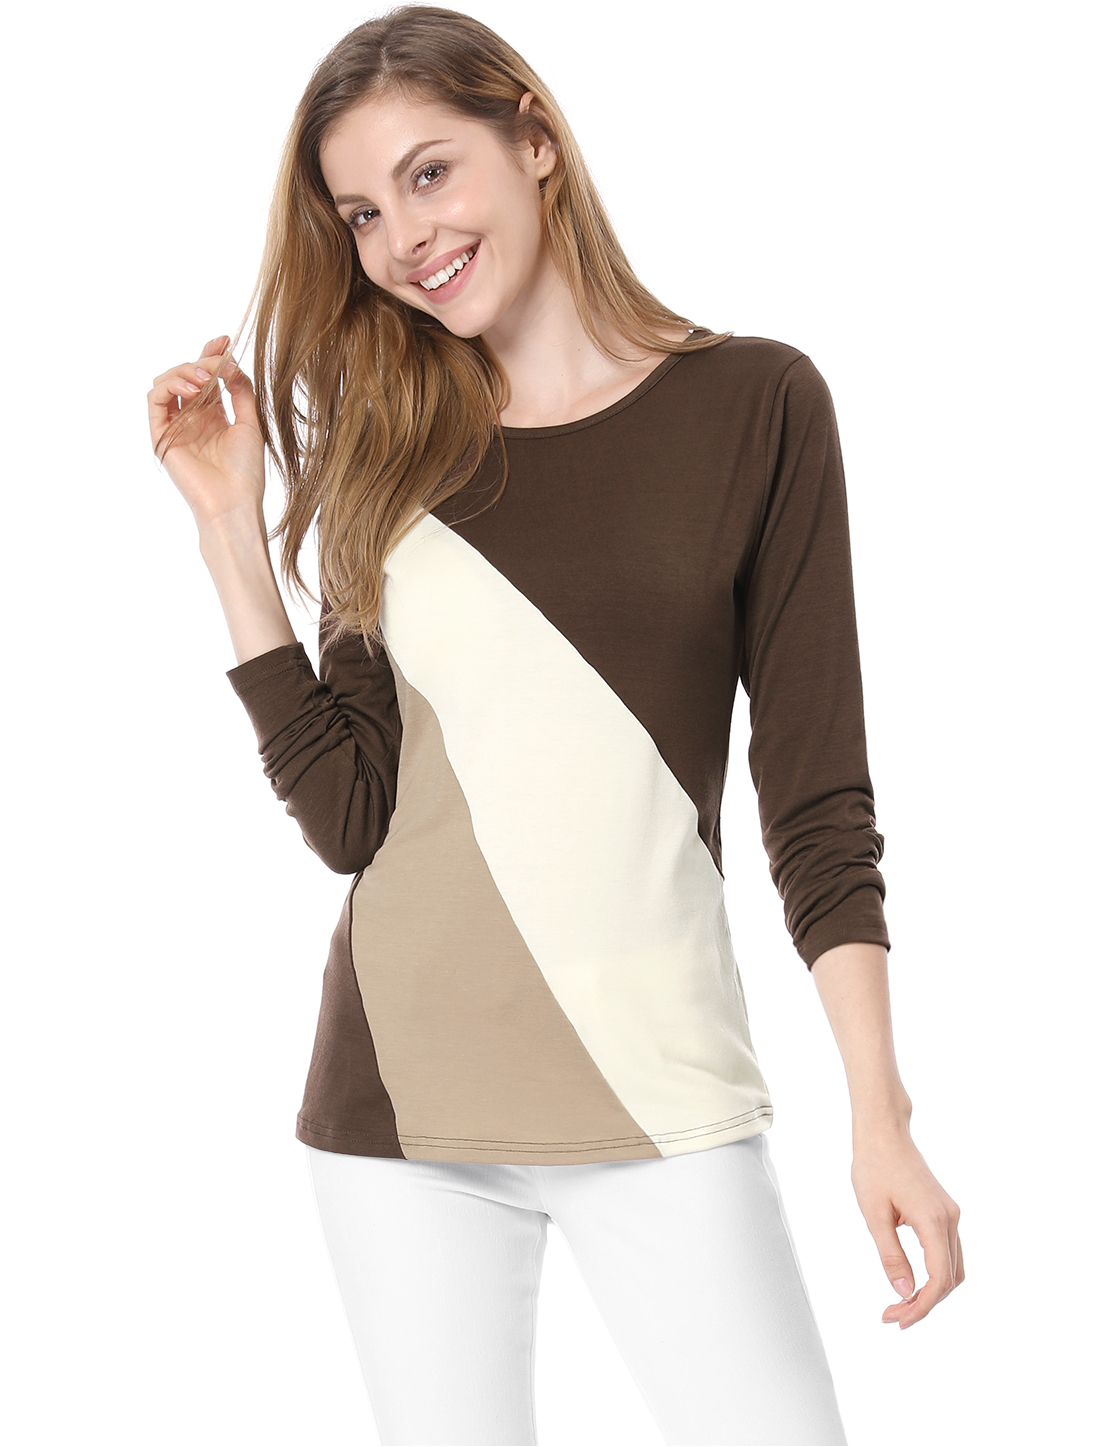 Allegra K Women Color Blocking Round Neck Long Sleeve Leisure Top Brown Beige L